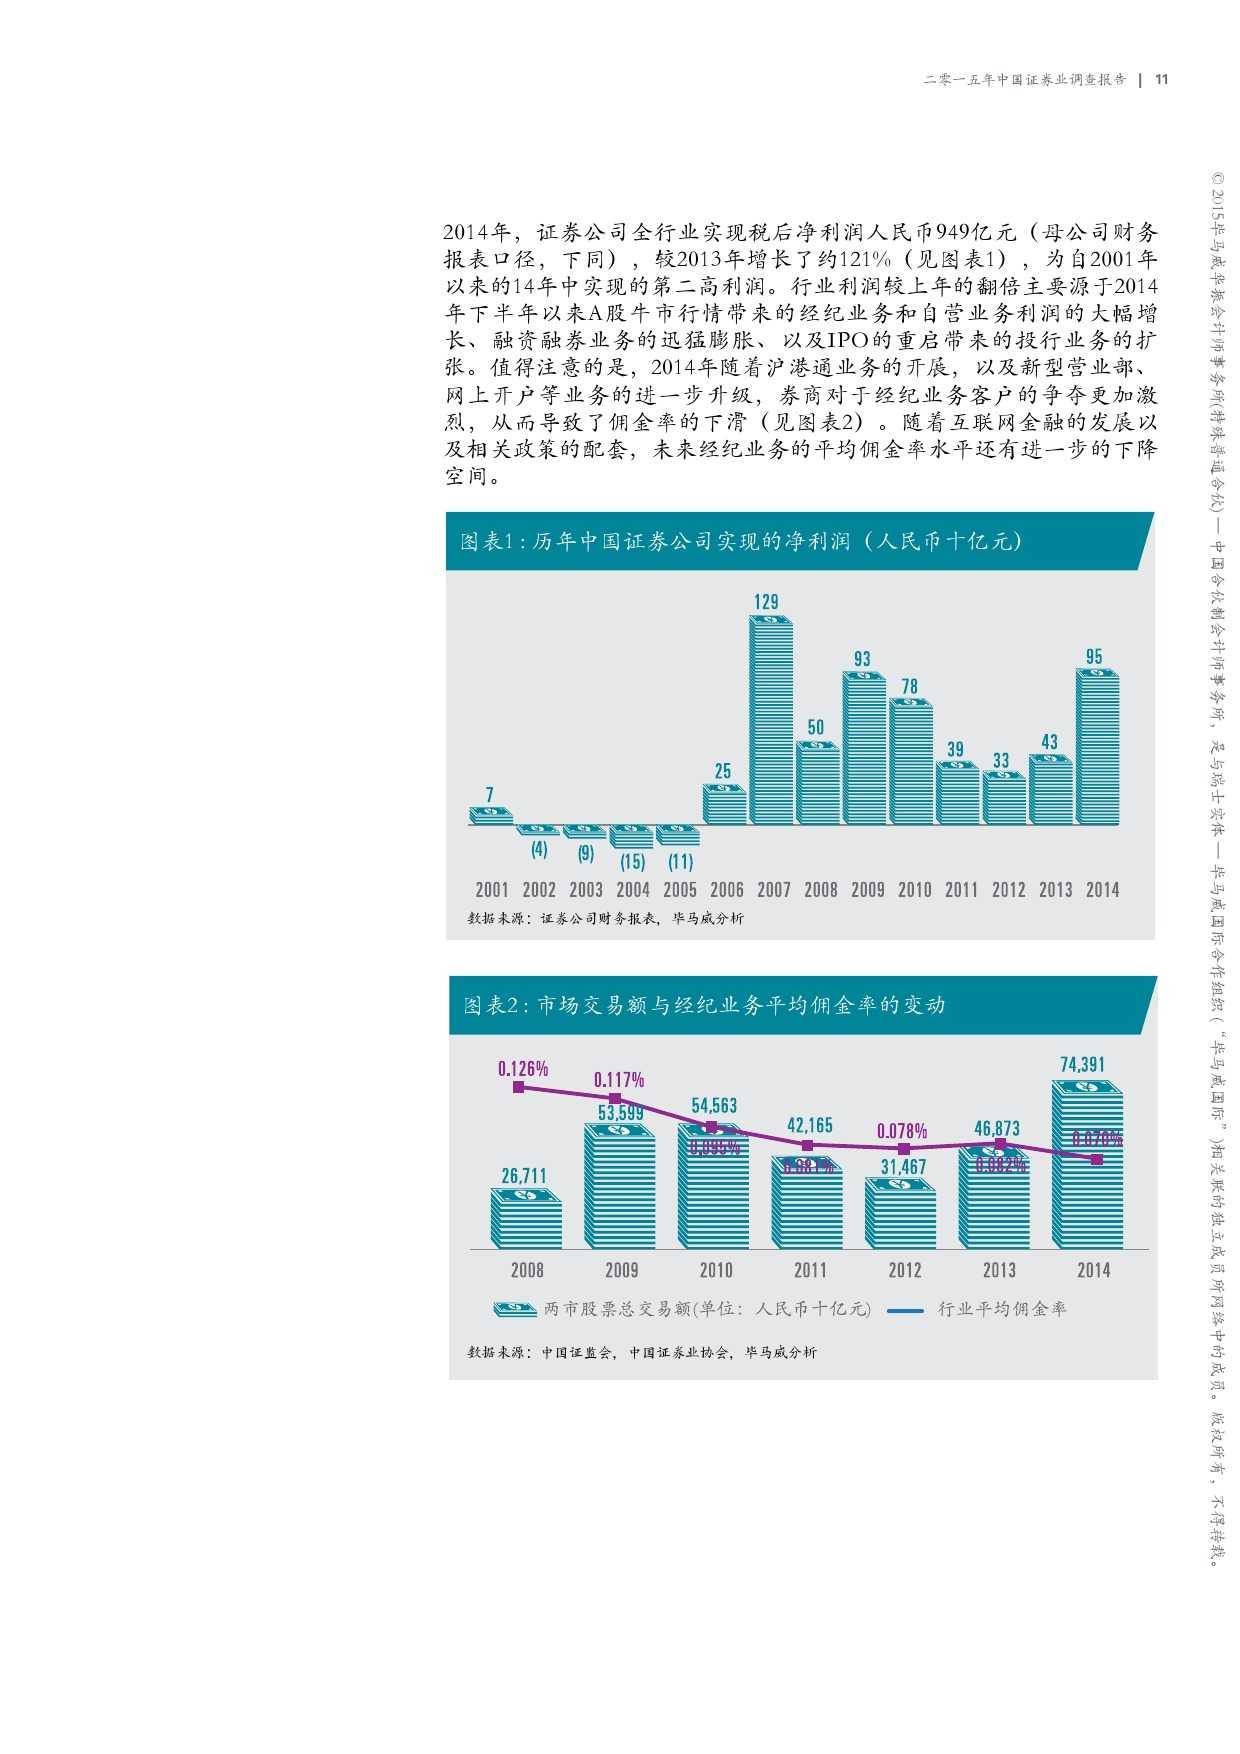 毕马威:2015年中国证券业调查报告_000013